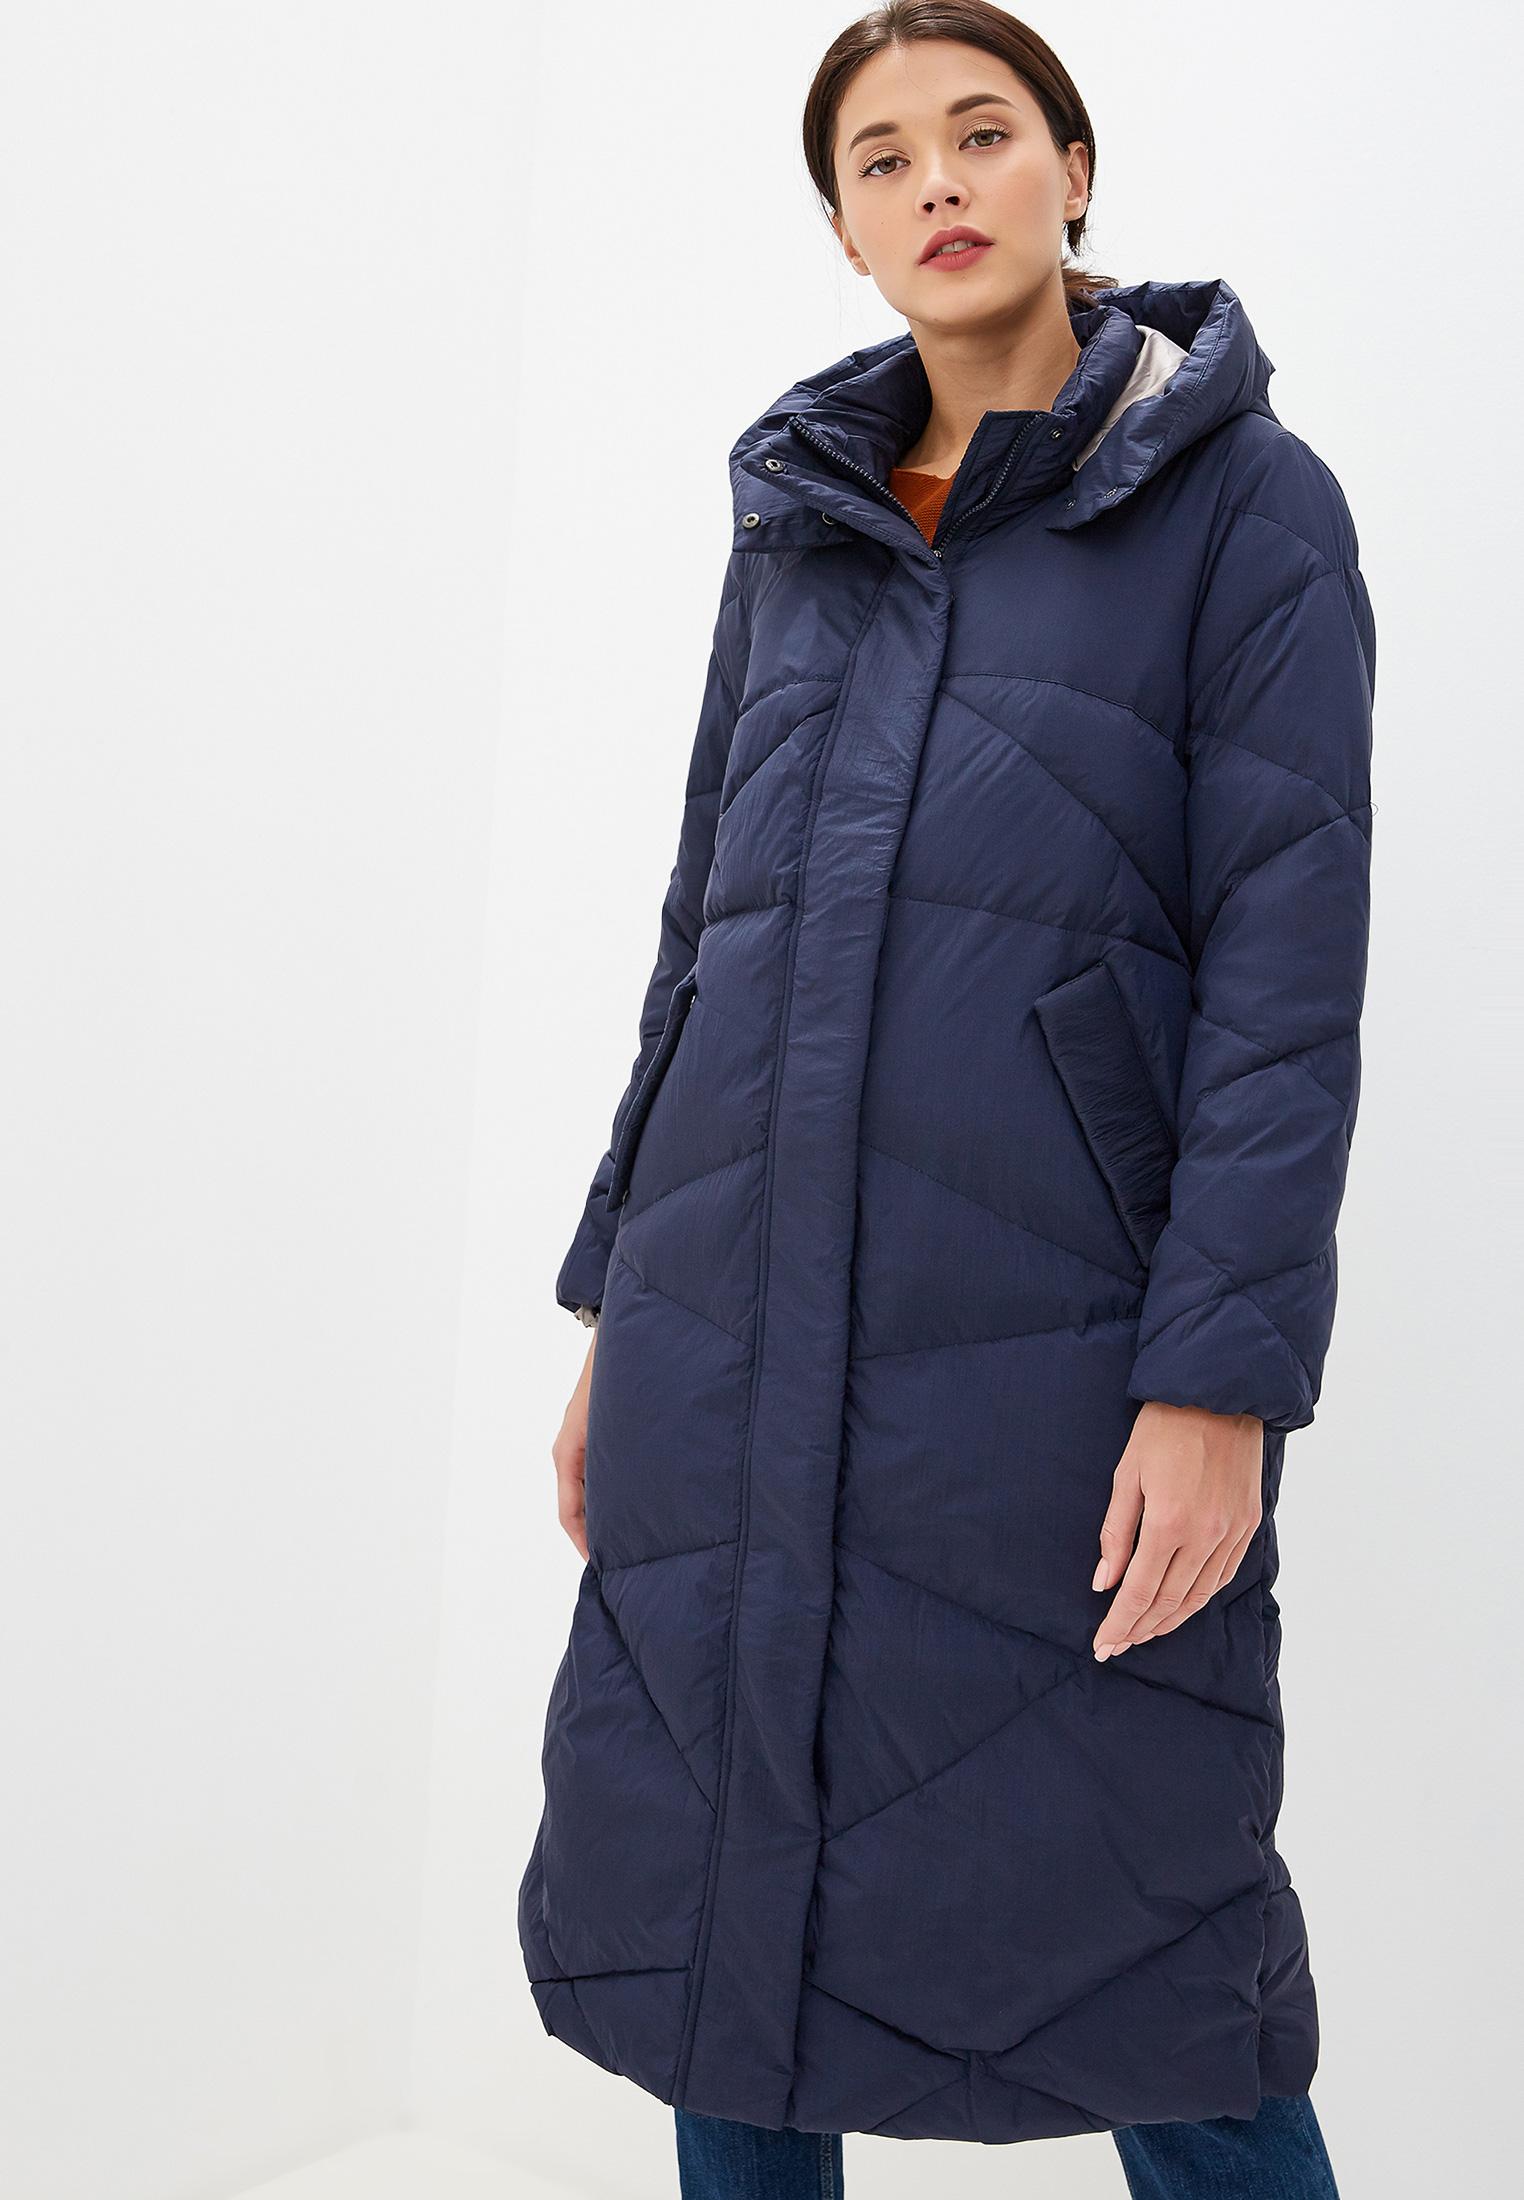 Пуховик, Savage, цвет: синий. Артикул: SA004EWGFUP9. Одежда / Верхняя одежда / Пуховики и зимние куртки